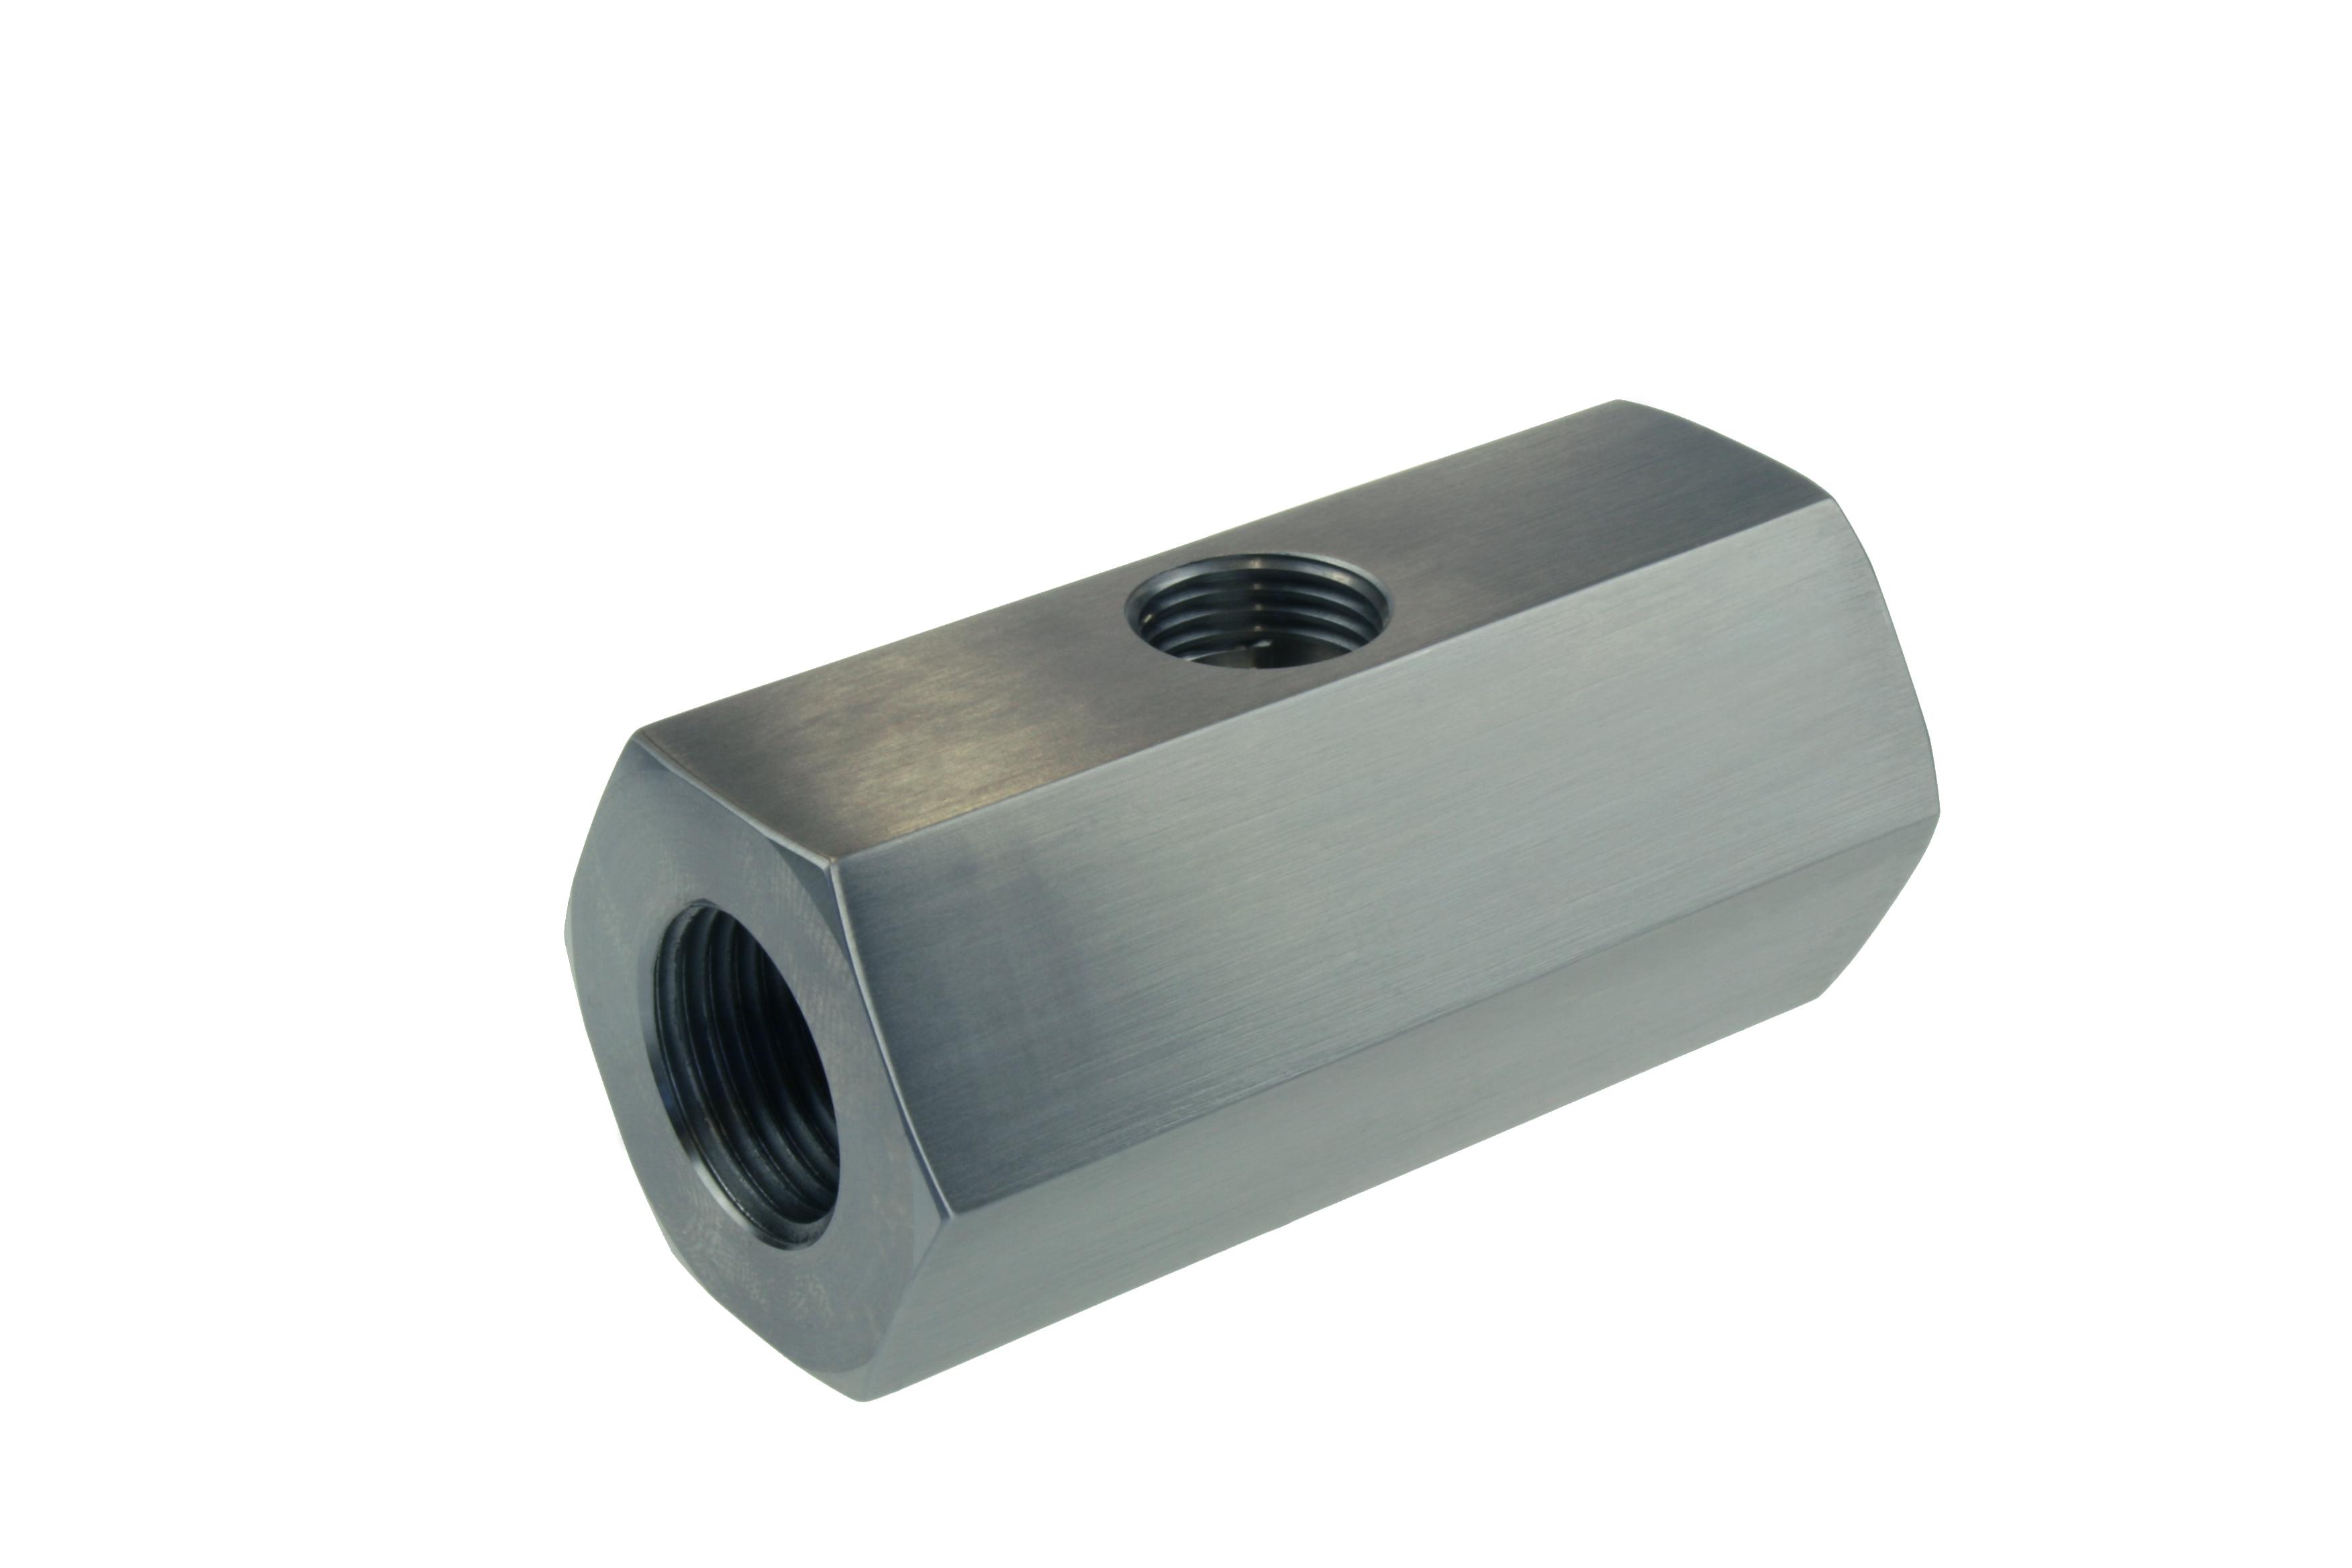 präziser Durchflussmesser TrigasDM hochwertige Messtechnik